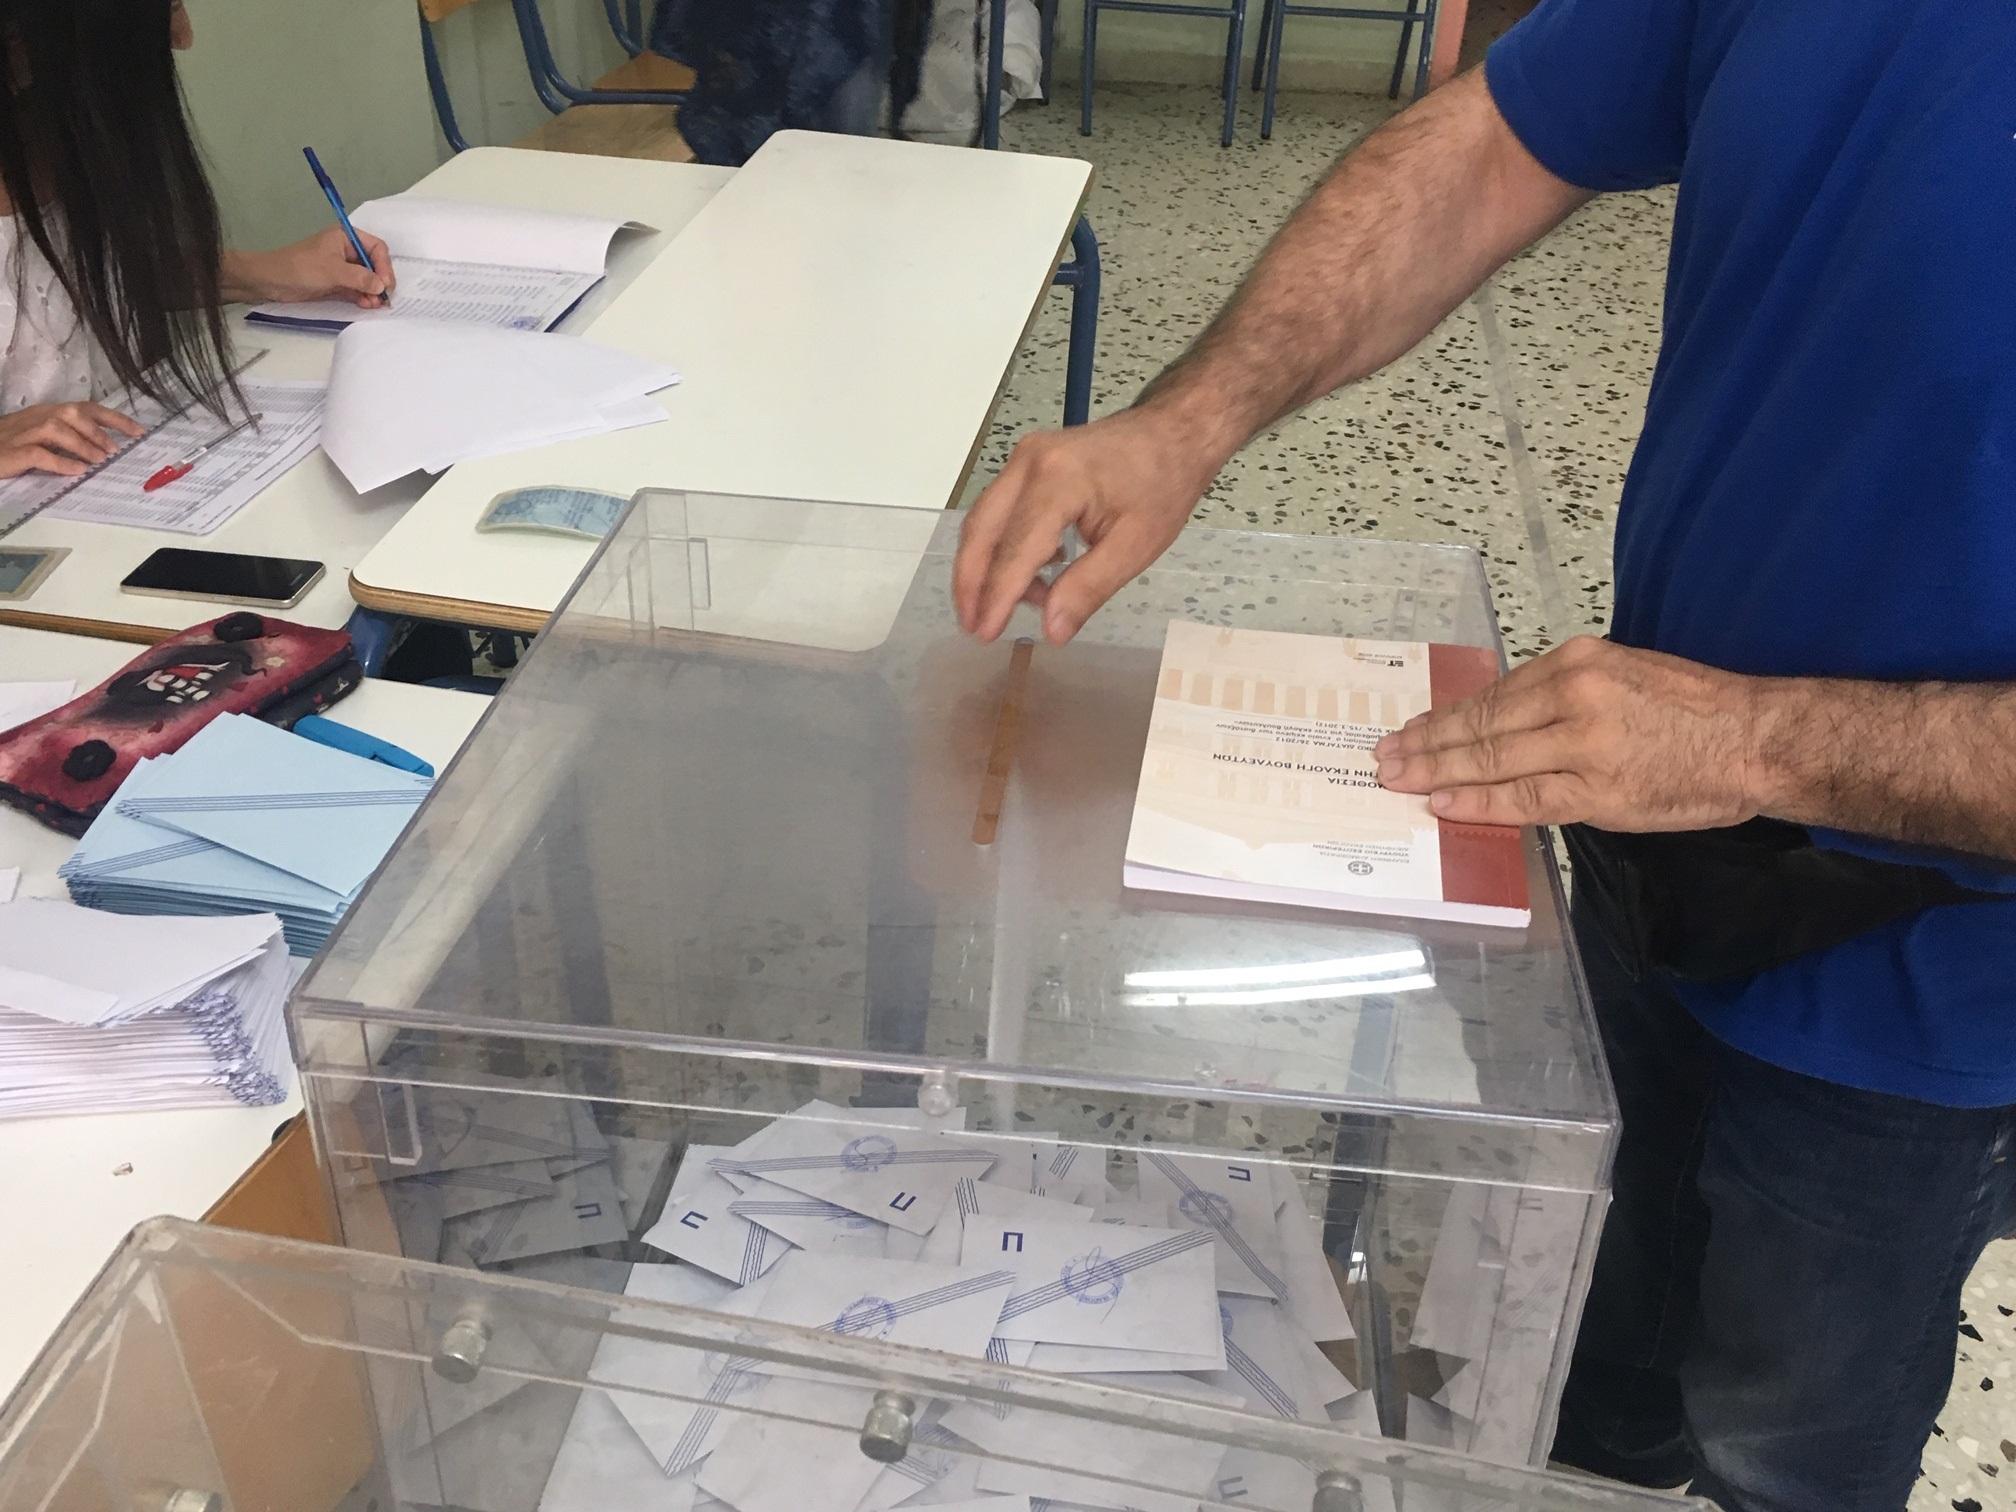 Η σταυροδοσία όλων των υποψήφιων δημοτικών συμβούλων Αγρινίου